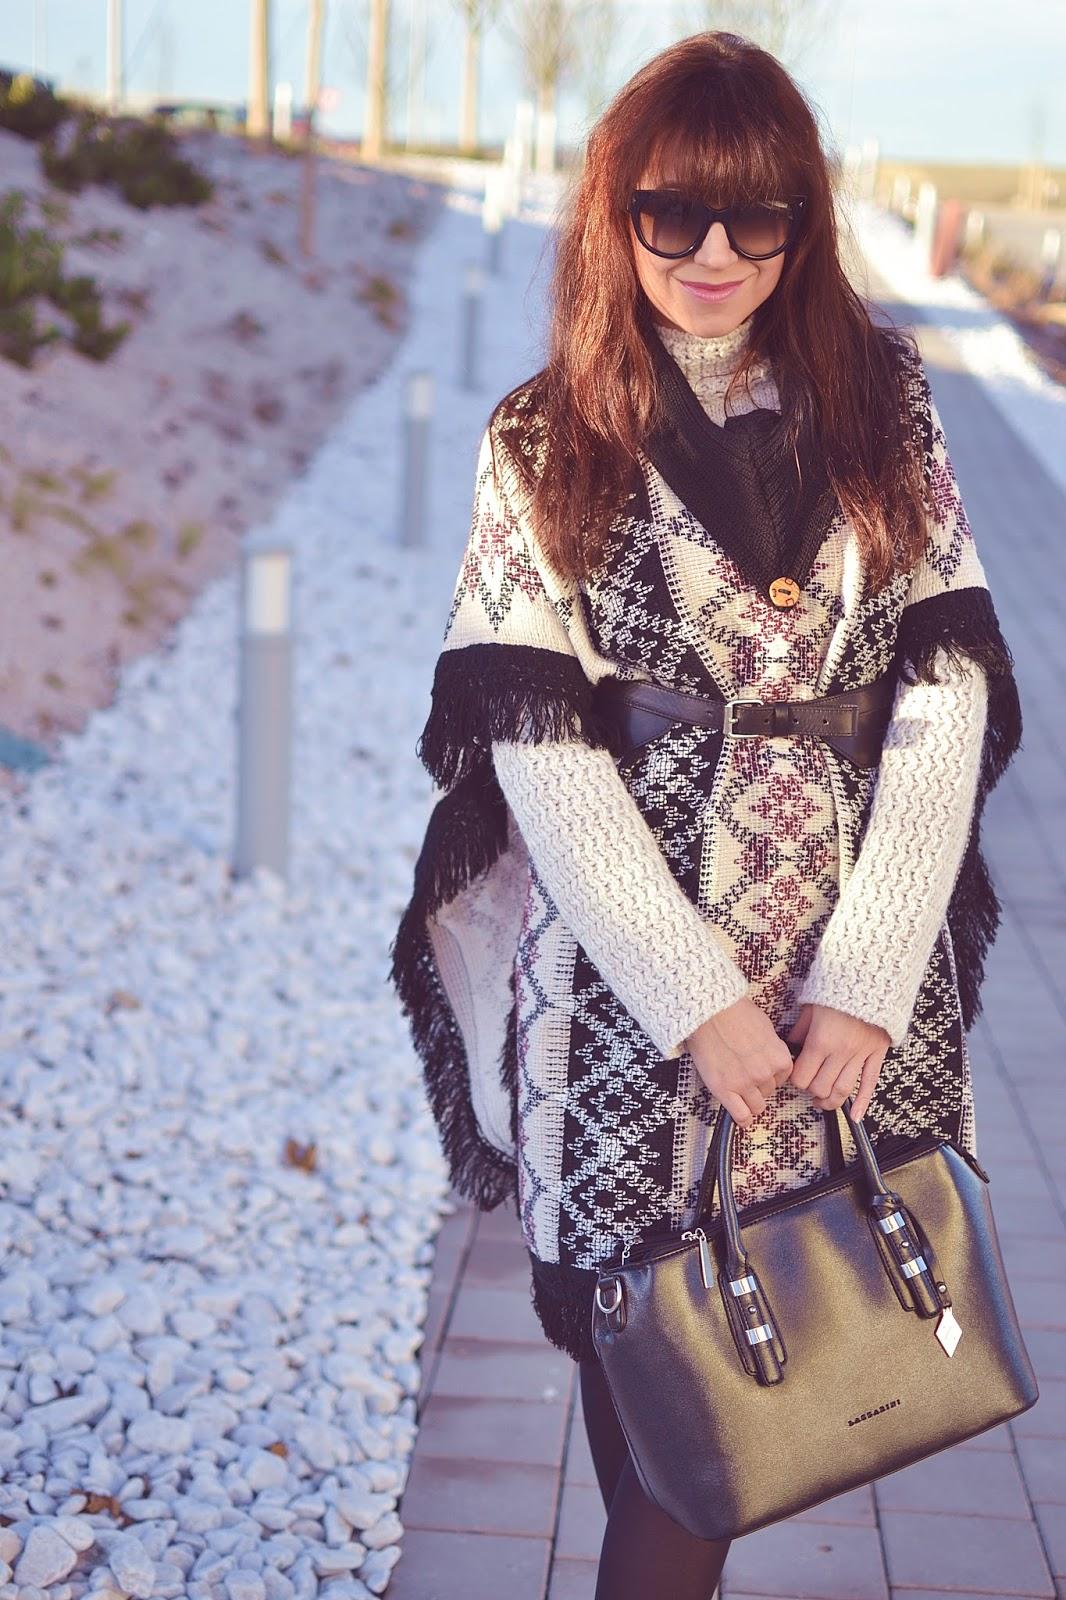 Vyskúšaj to_Katharine-fashion is beautiful_Pončo_Kožená sukňa_Katarína Jakubčová_Fashion blogger